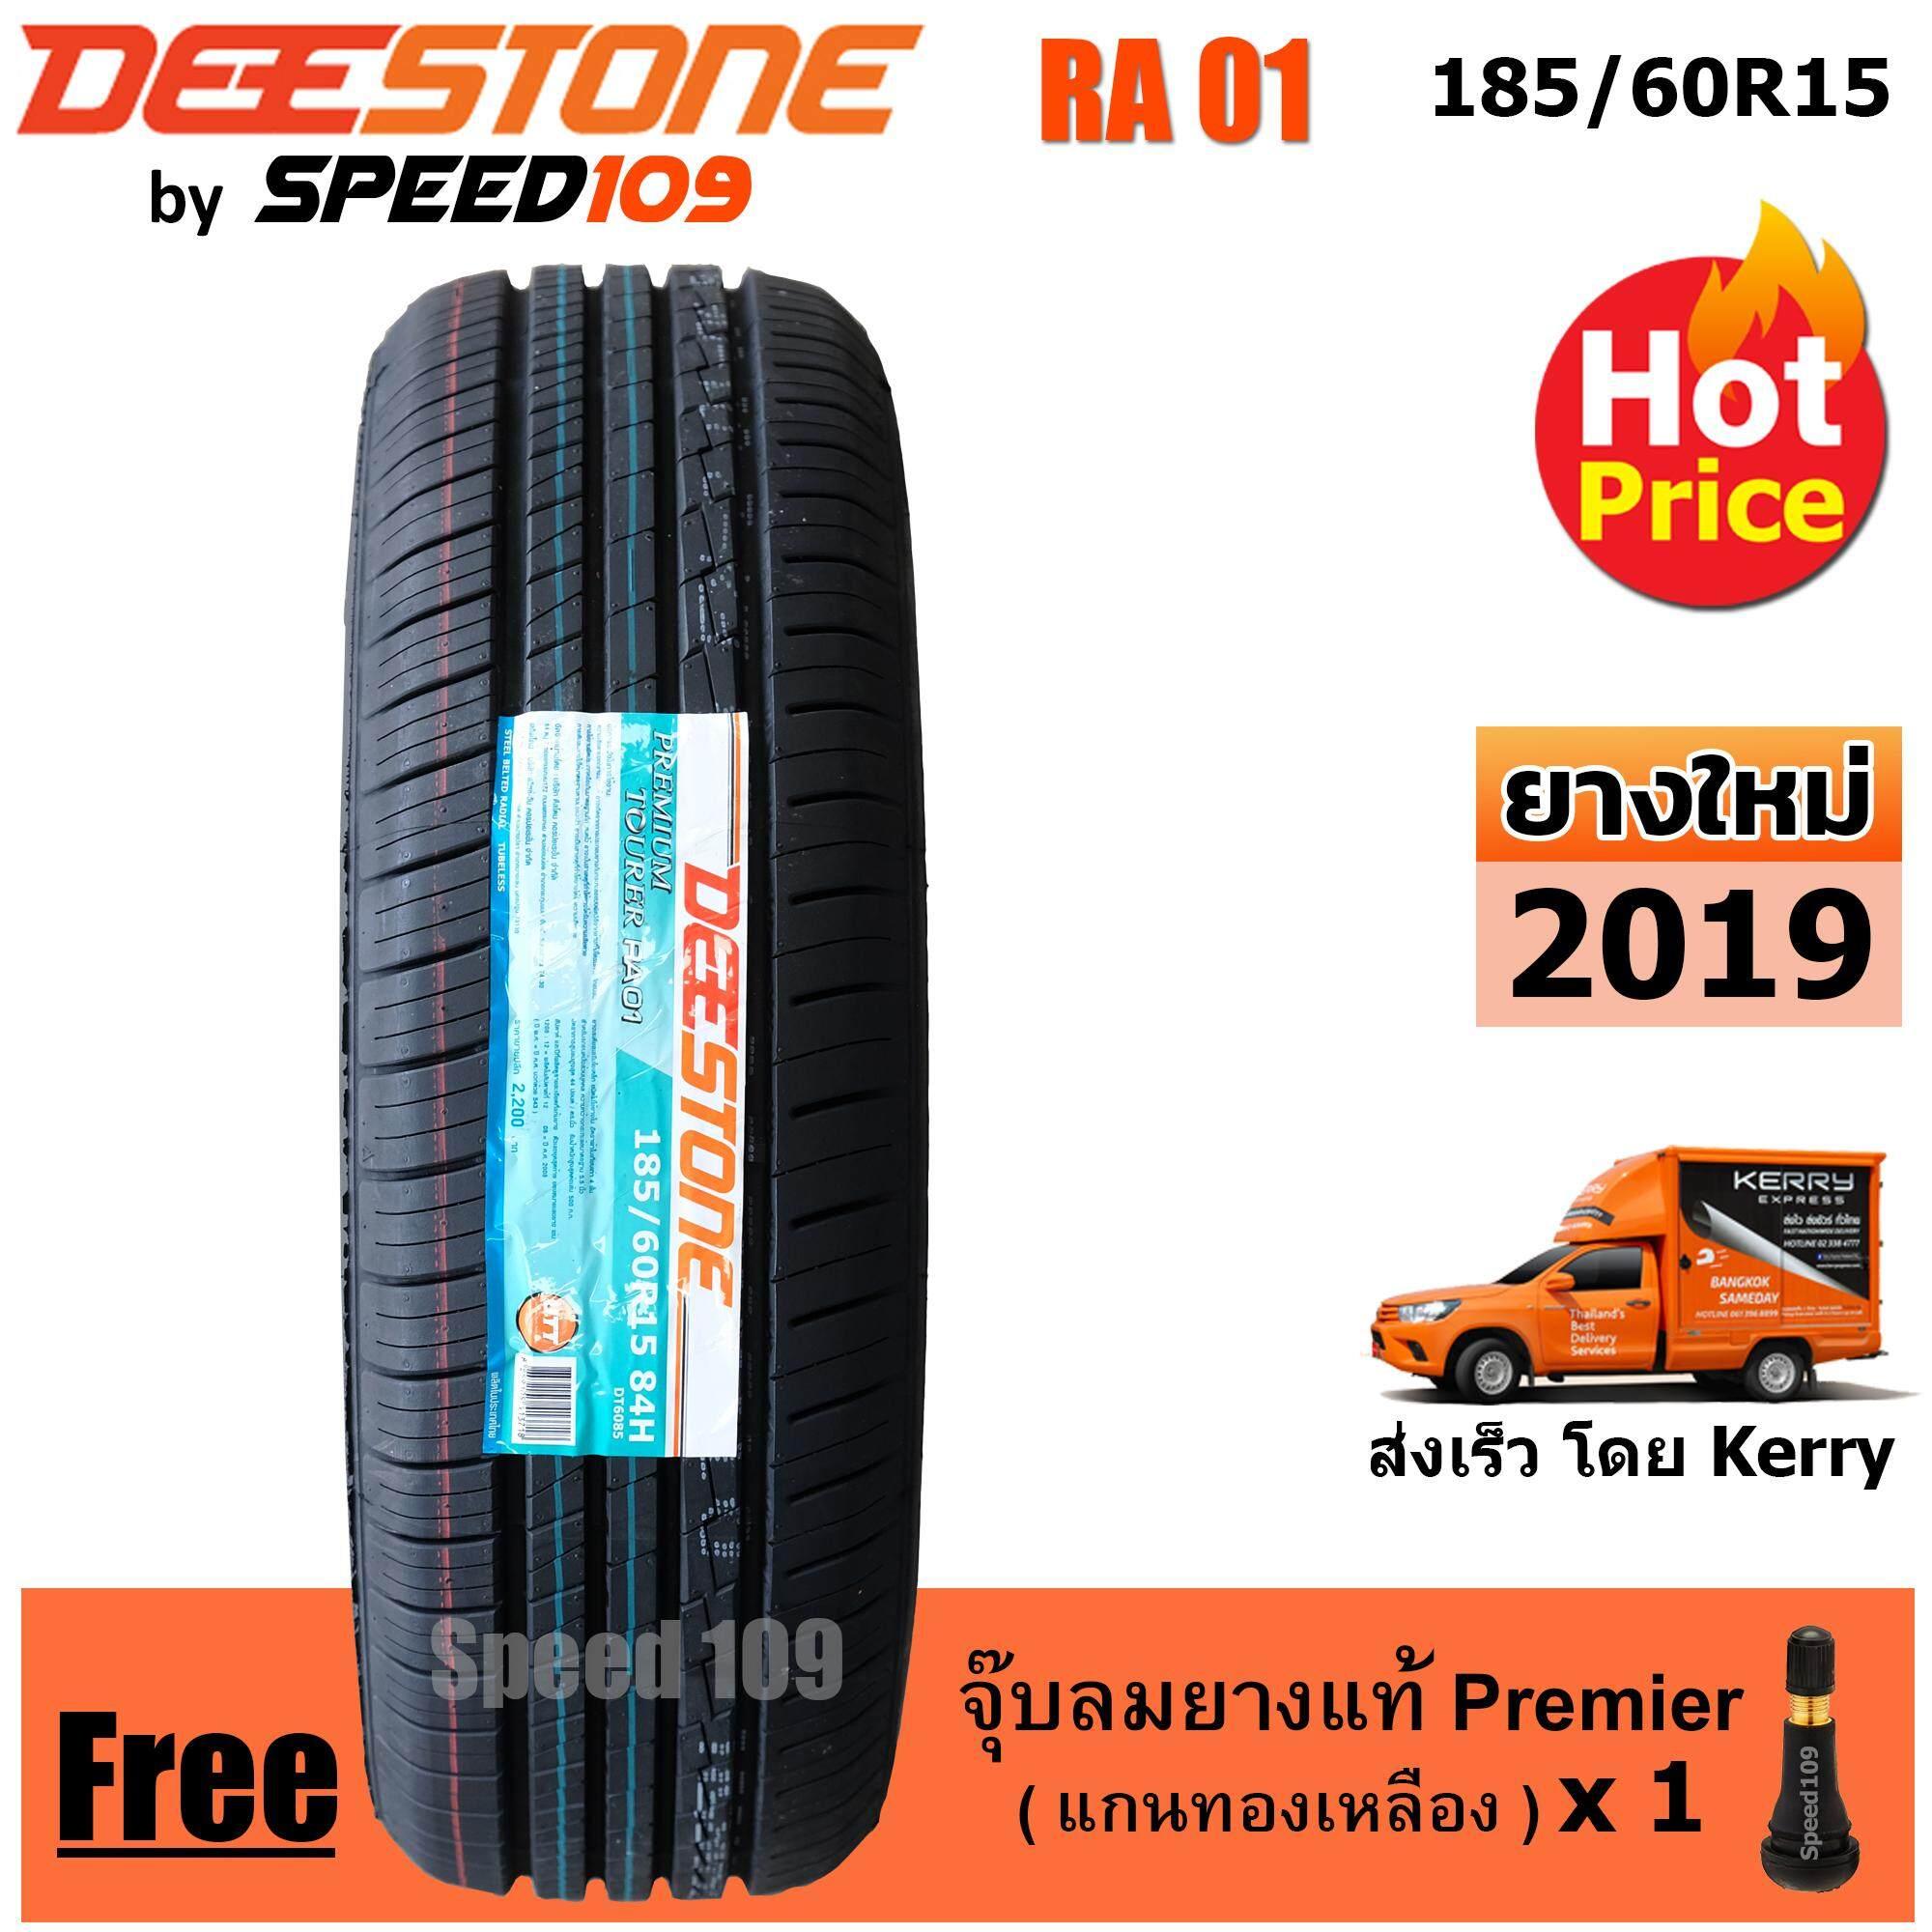 เชียงใหม่ DEESTONE ยางรถยนต์ ขอบ 15 ขนาด 185/60R15 รุ่น RA01 - 1 เส้น (ปี 2019)